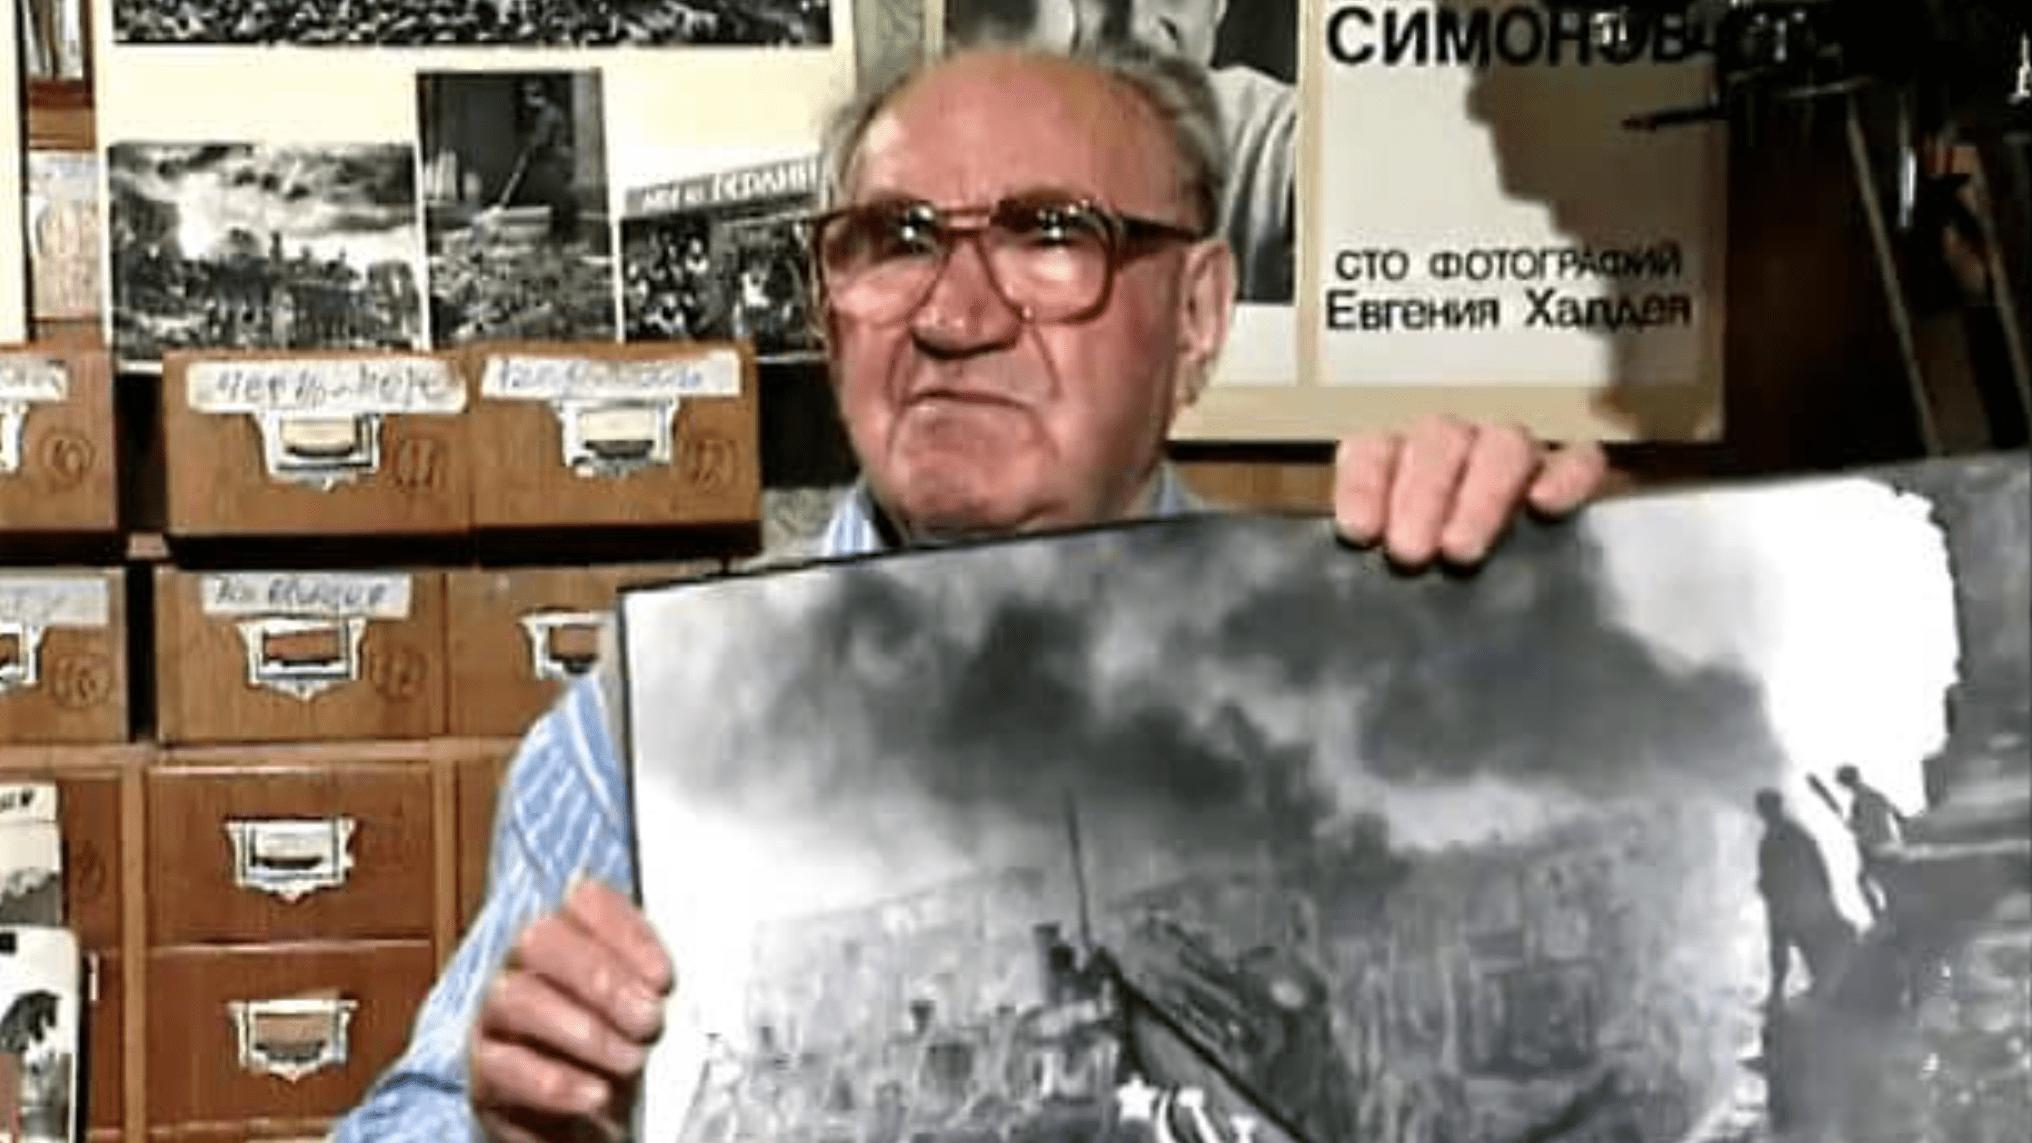 Jewgenij Chaldej